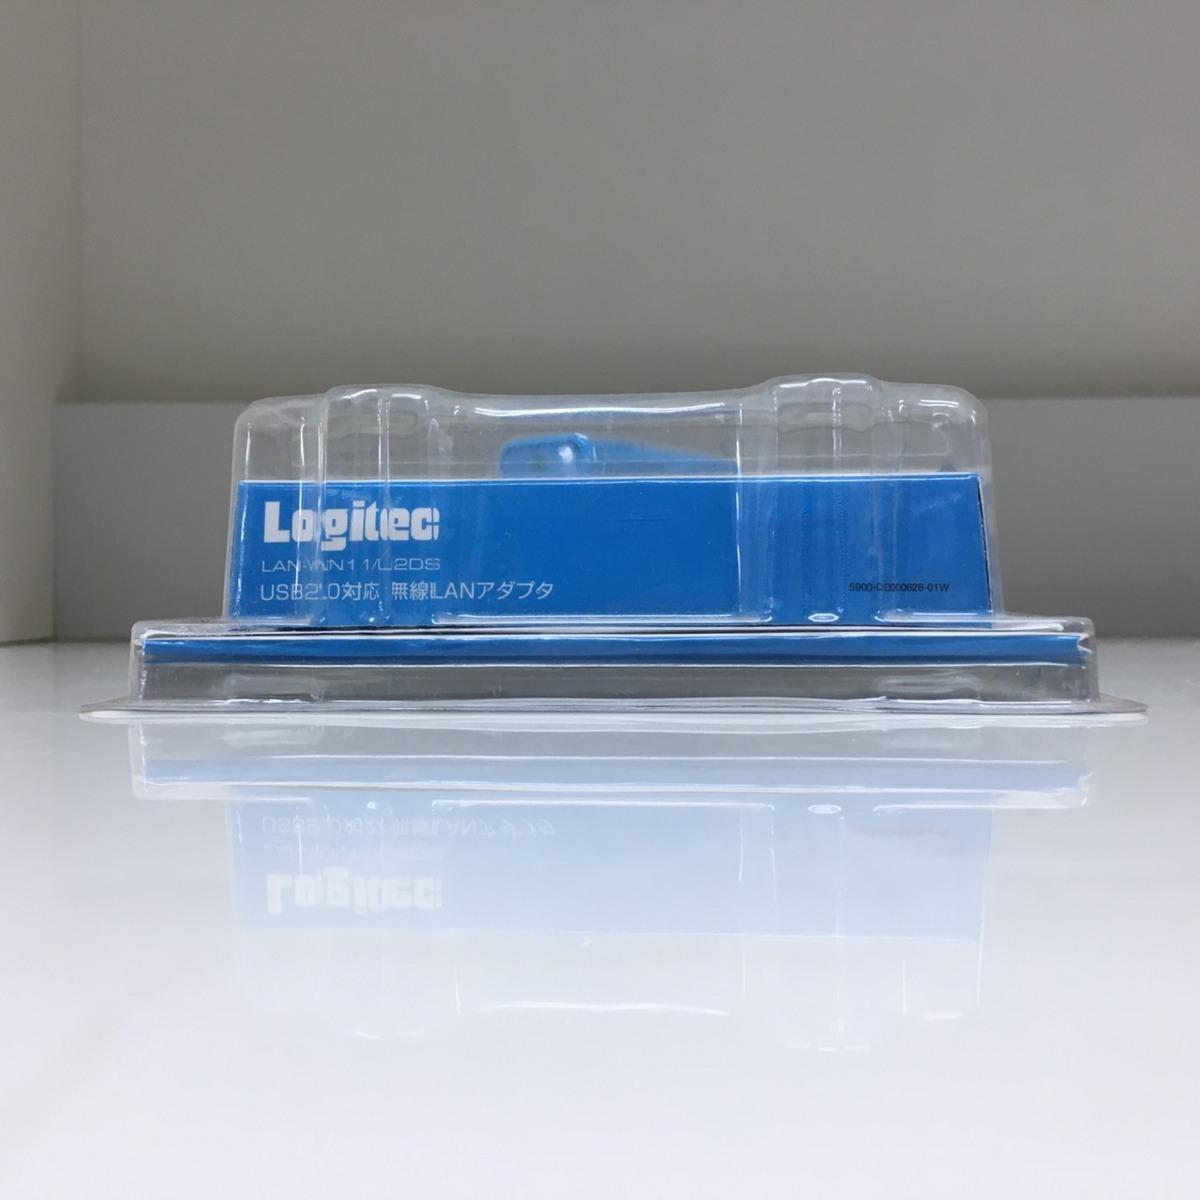 ■ジャンク ロジテック USB無線LANアダプタ LAN-WN11/U2DS /未使用長期保管 Logitec Д■_画像5